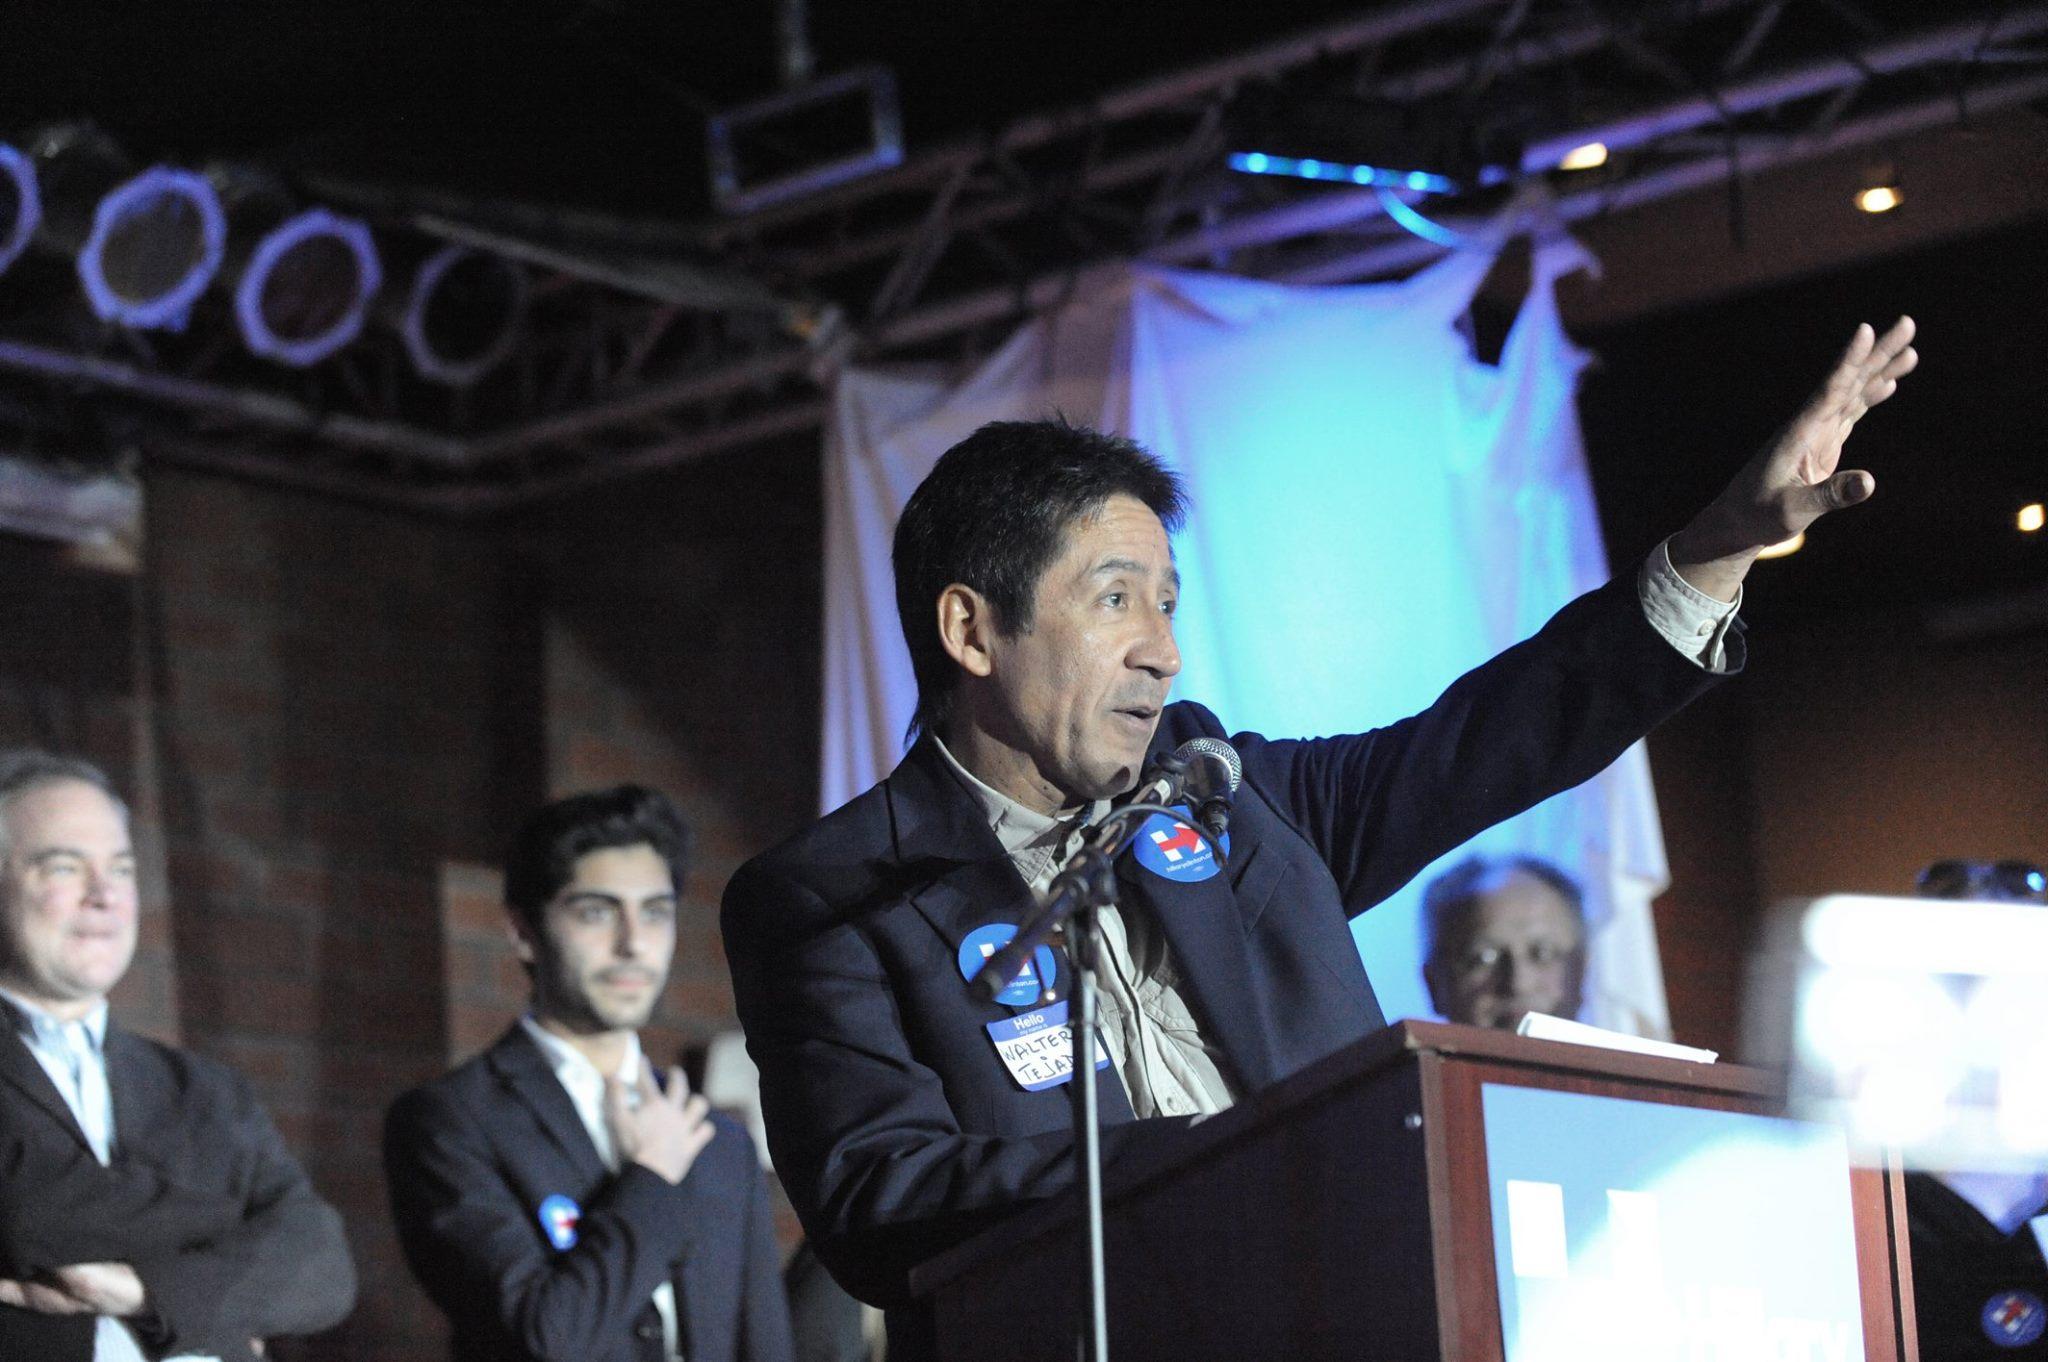 El salvadoreño Walter Tejada, concejal en el condado de Arlington, Virginia, durante un evento de apoyo a Hillary Clinton. Foto de Miguel Ángel Álvarez.